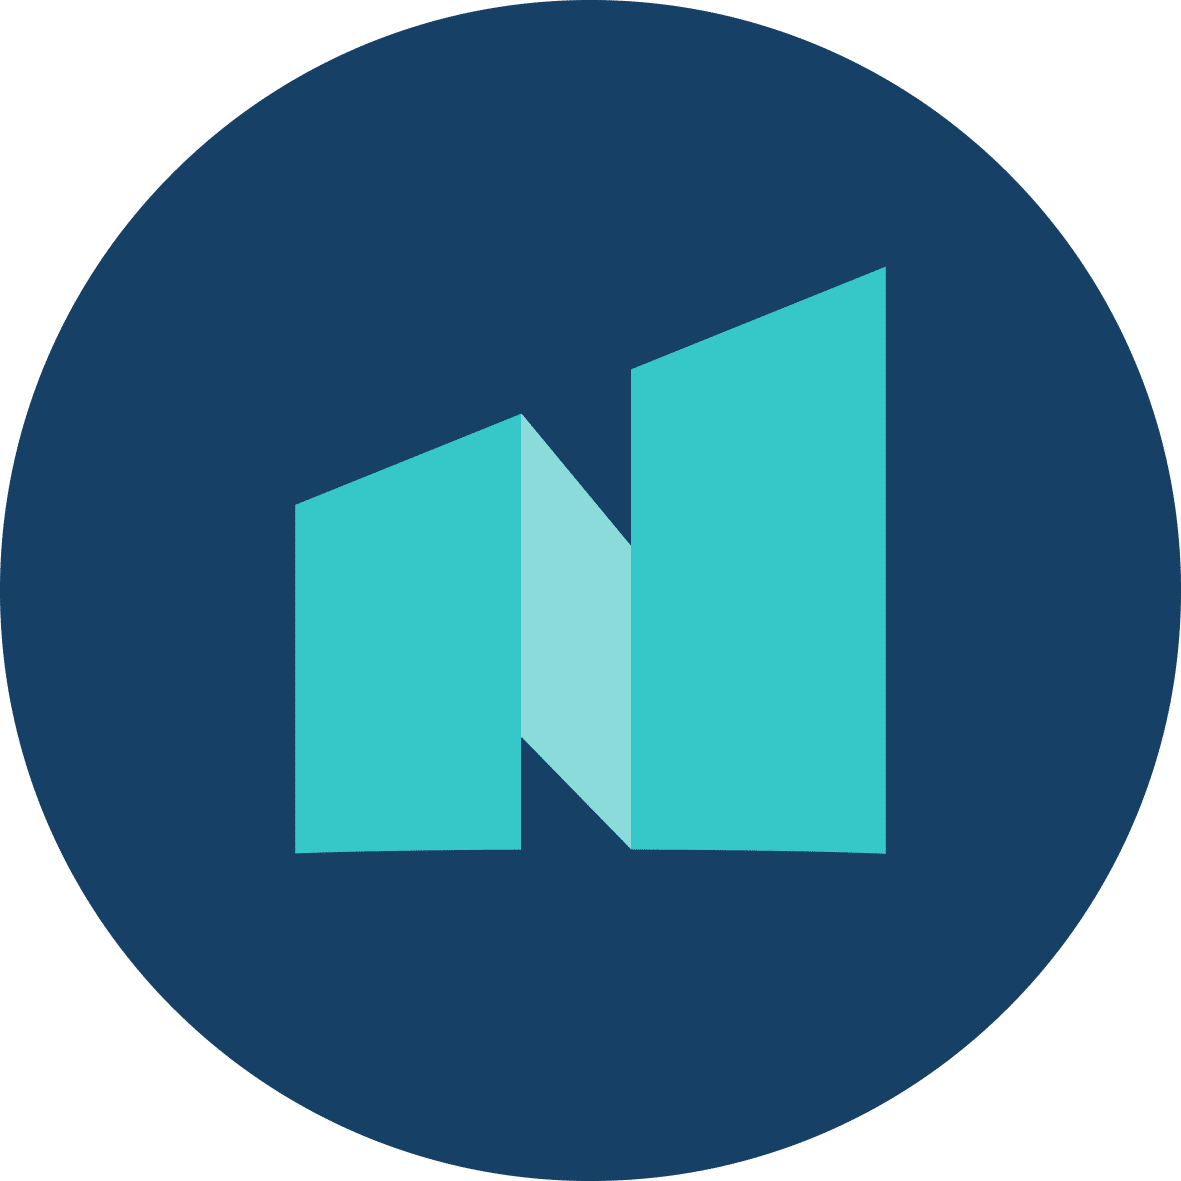 Netigate logo. enkätundersökningar för e-handel